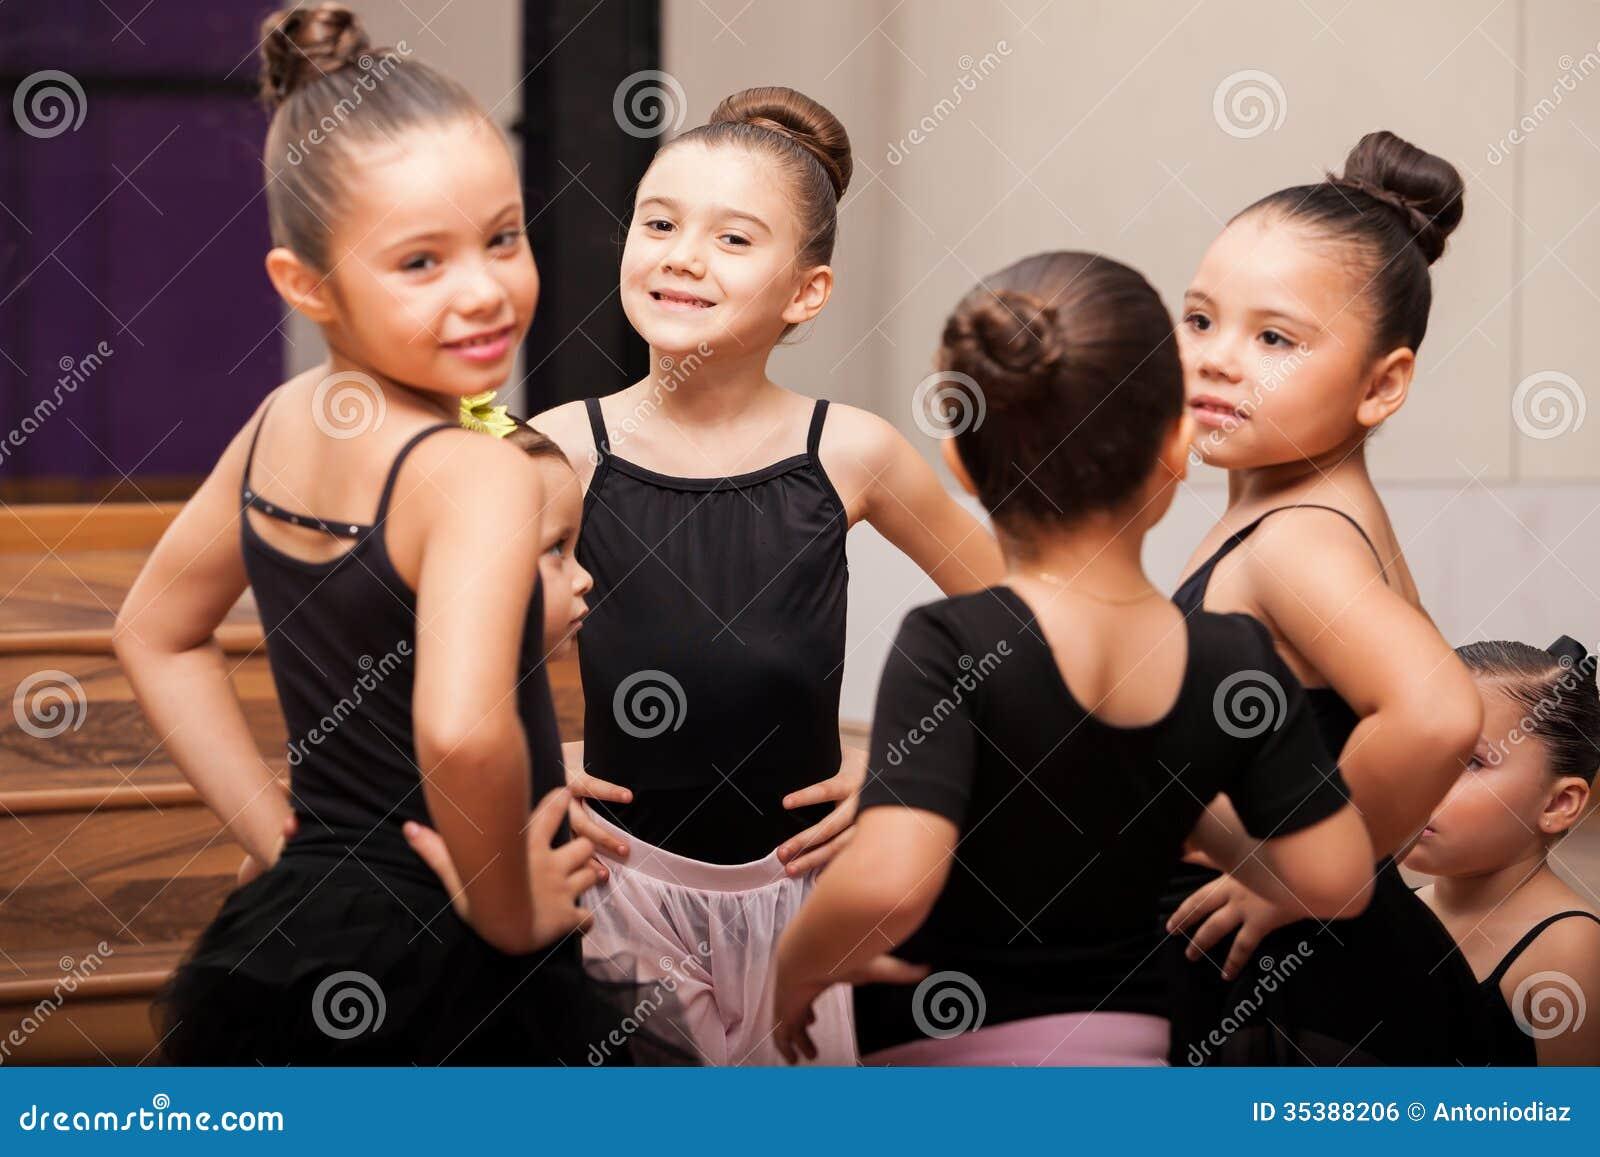 Szczęśliwe małe dziewczynki w balet klasie